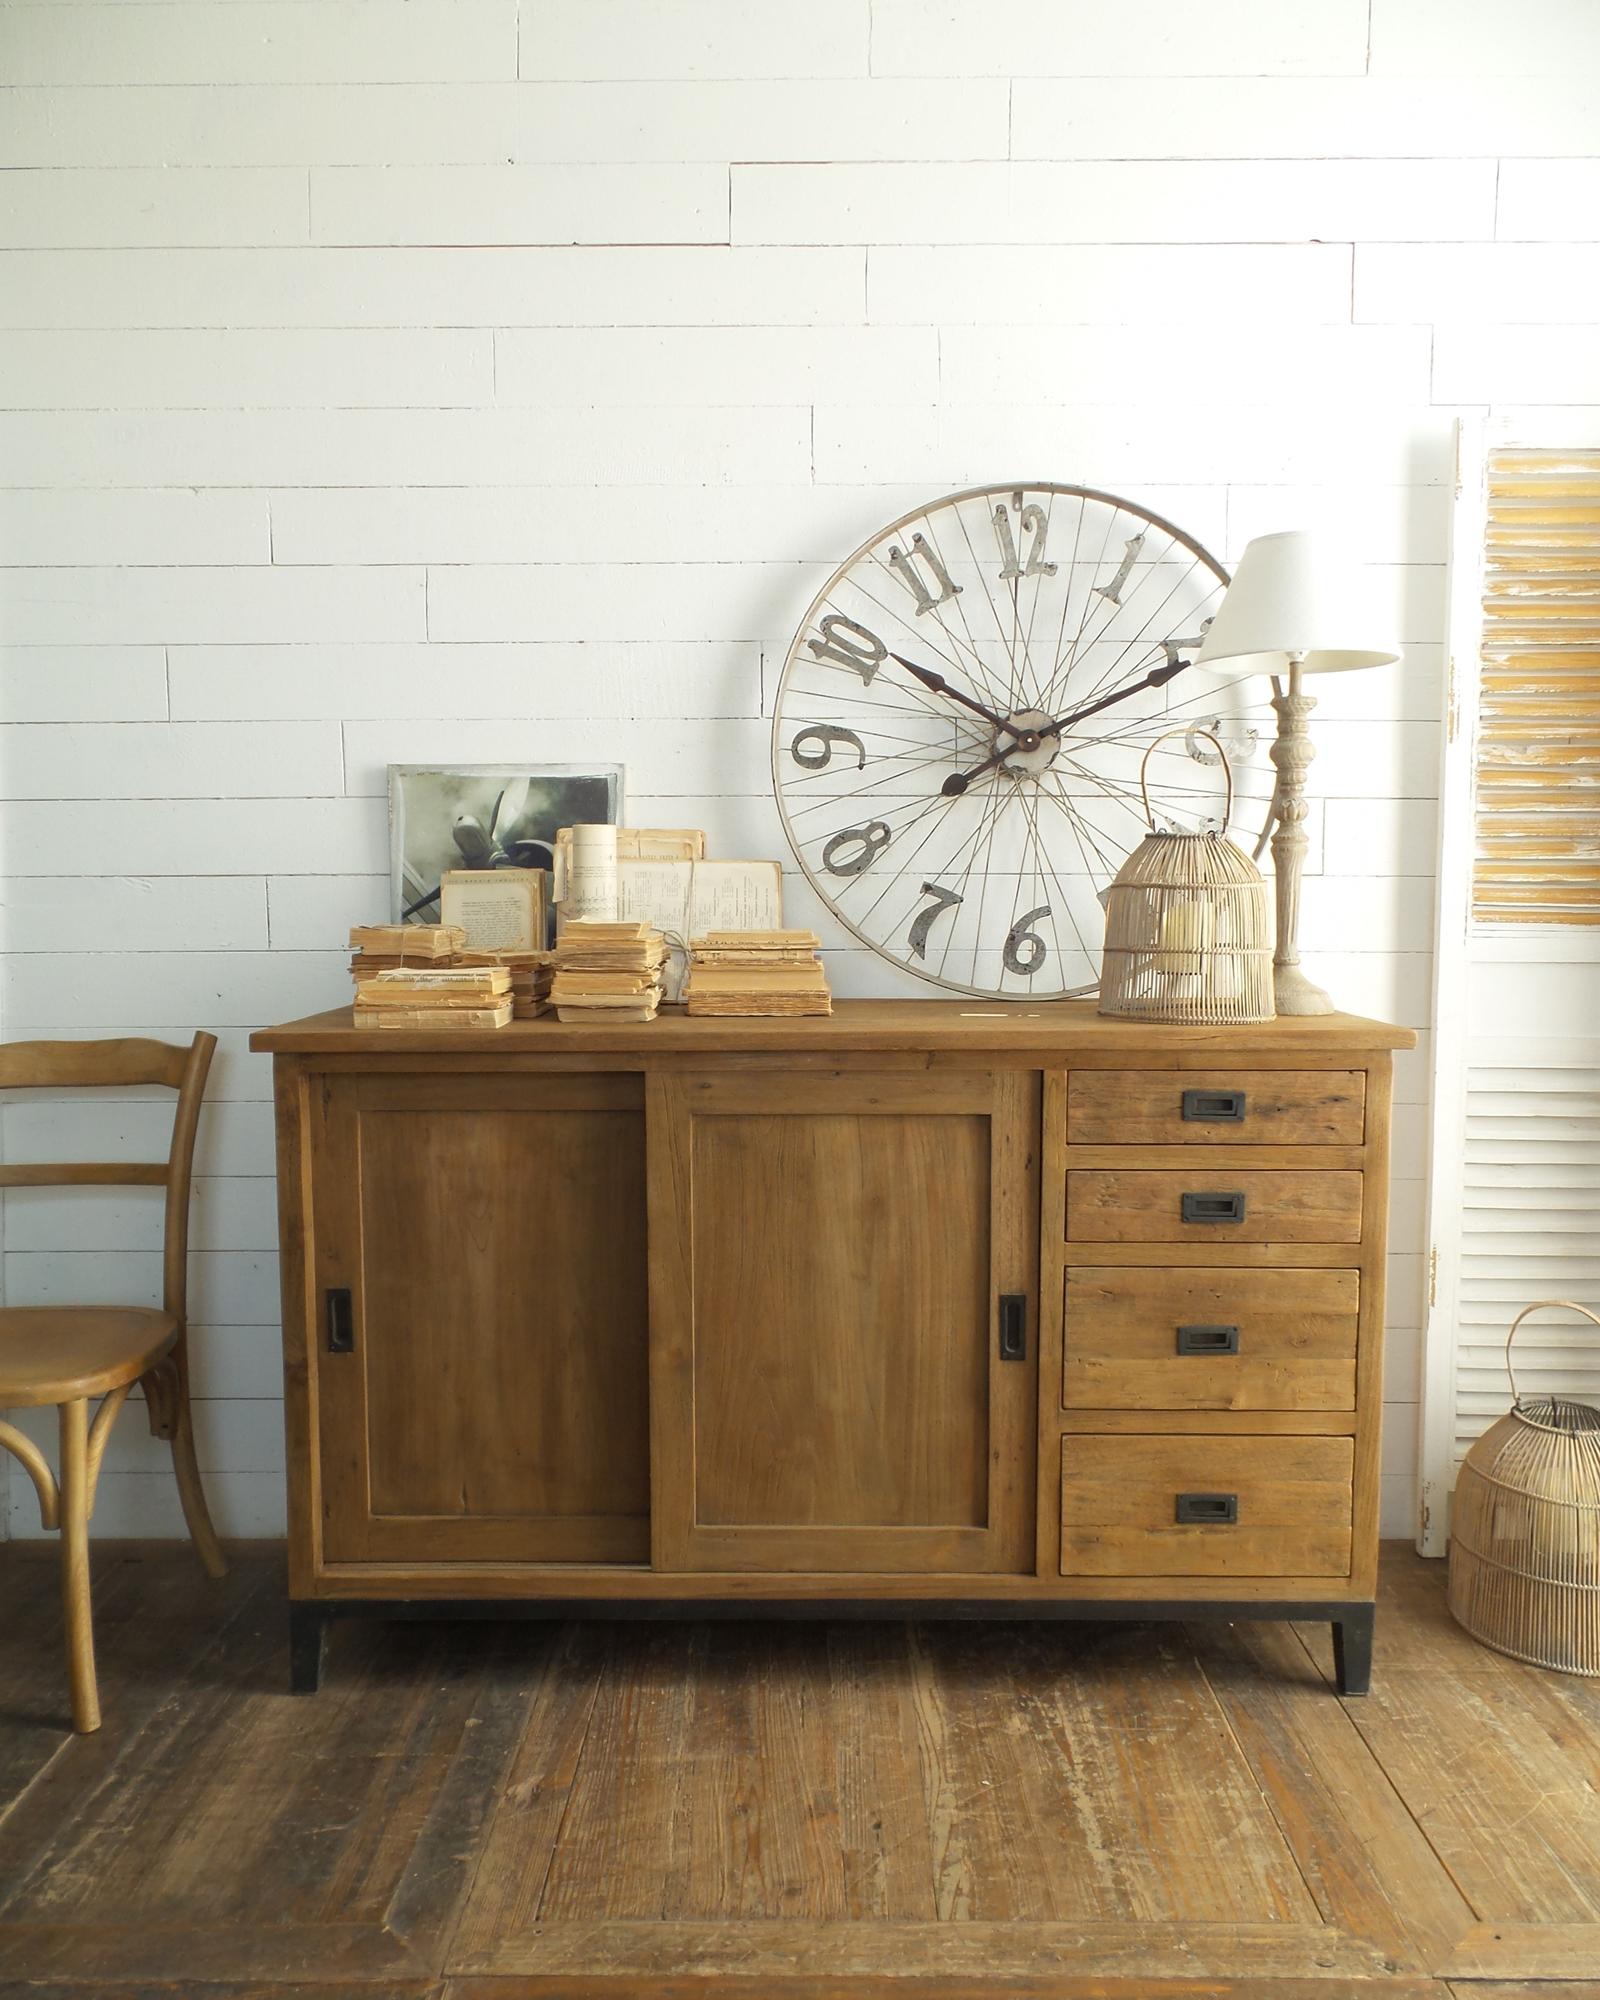 Arredamento contemporaneo mobili country su misura siena firenze credenza in legno di teak - Mobili in ferro vintage ...